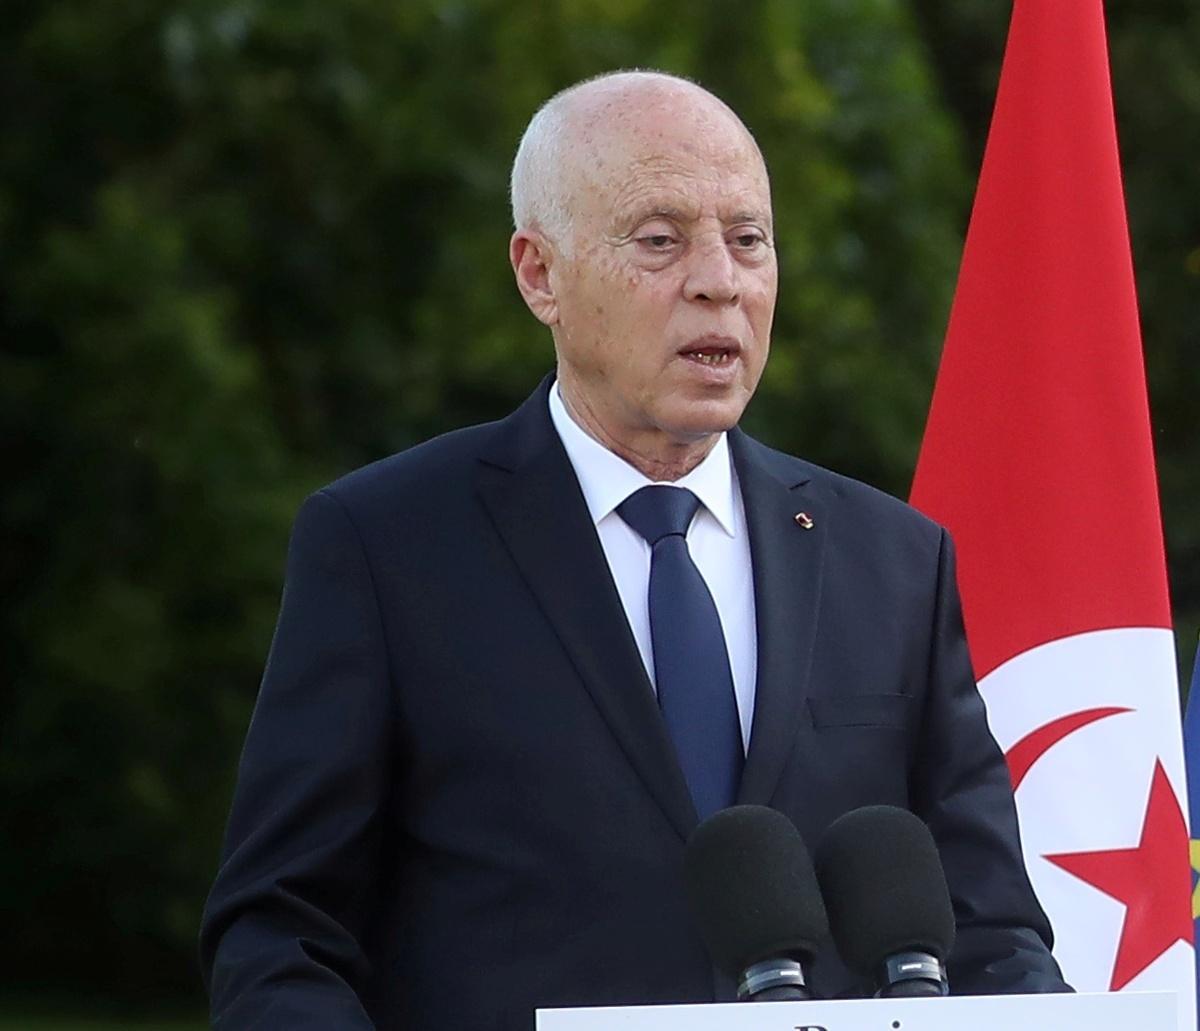 بوقادوم يزور تونس ويعد بزخم جديد للعلاقات التونسية الجزائرية